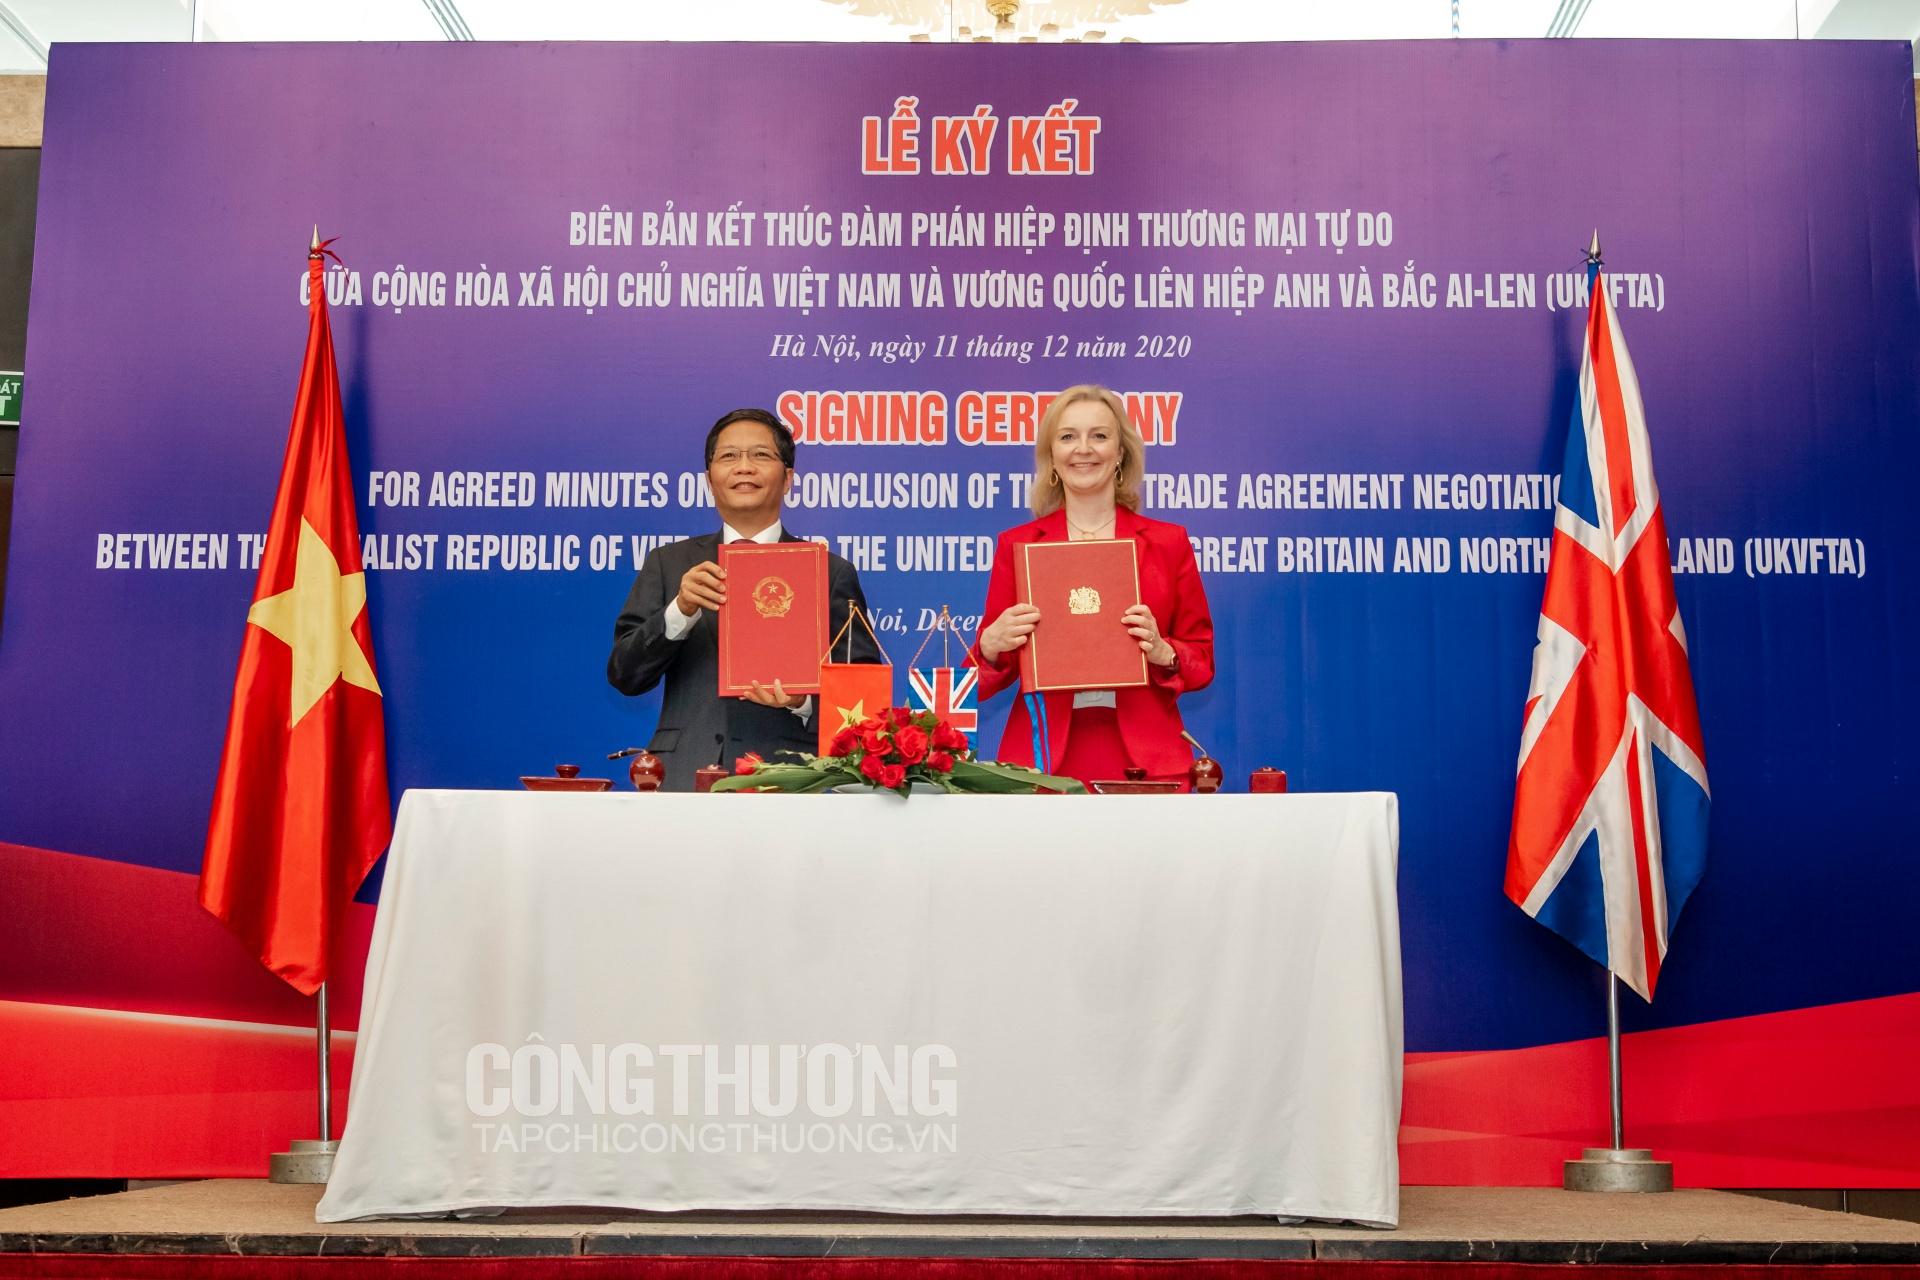 Mới đây nhất, tháng 12/2020, Việt Nam - Vương quốc Anh đã kết thúc đàm phán Hiệp định UKVFTA và sẽ sớm đưa Hiệp định vào thực thi trong tháng 4/2021